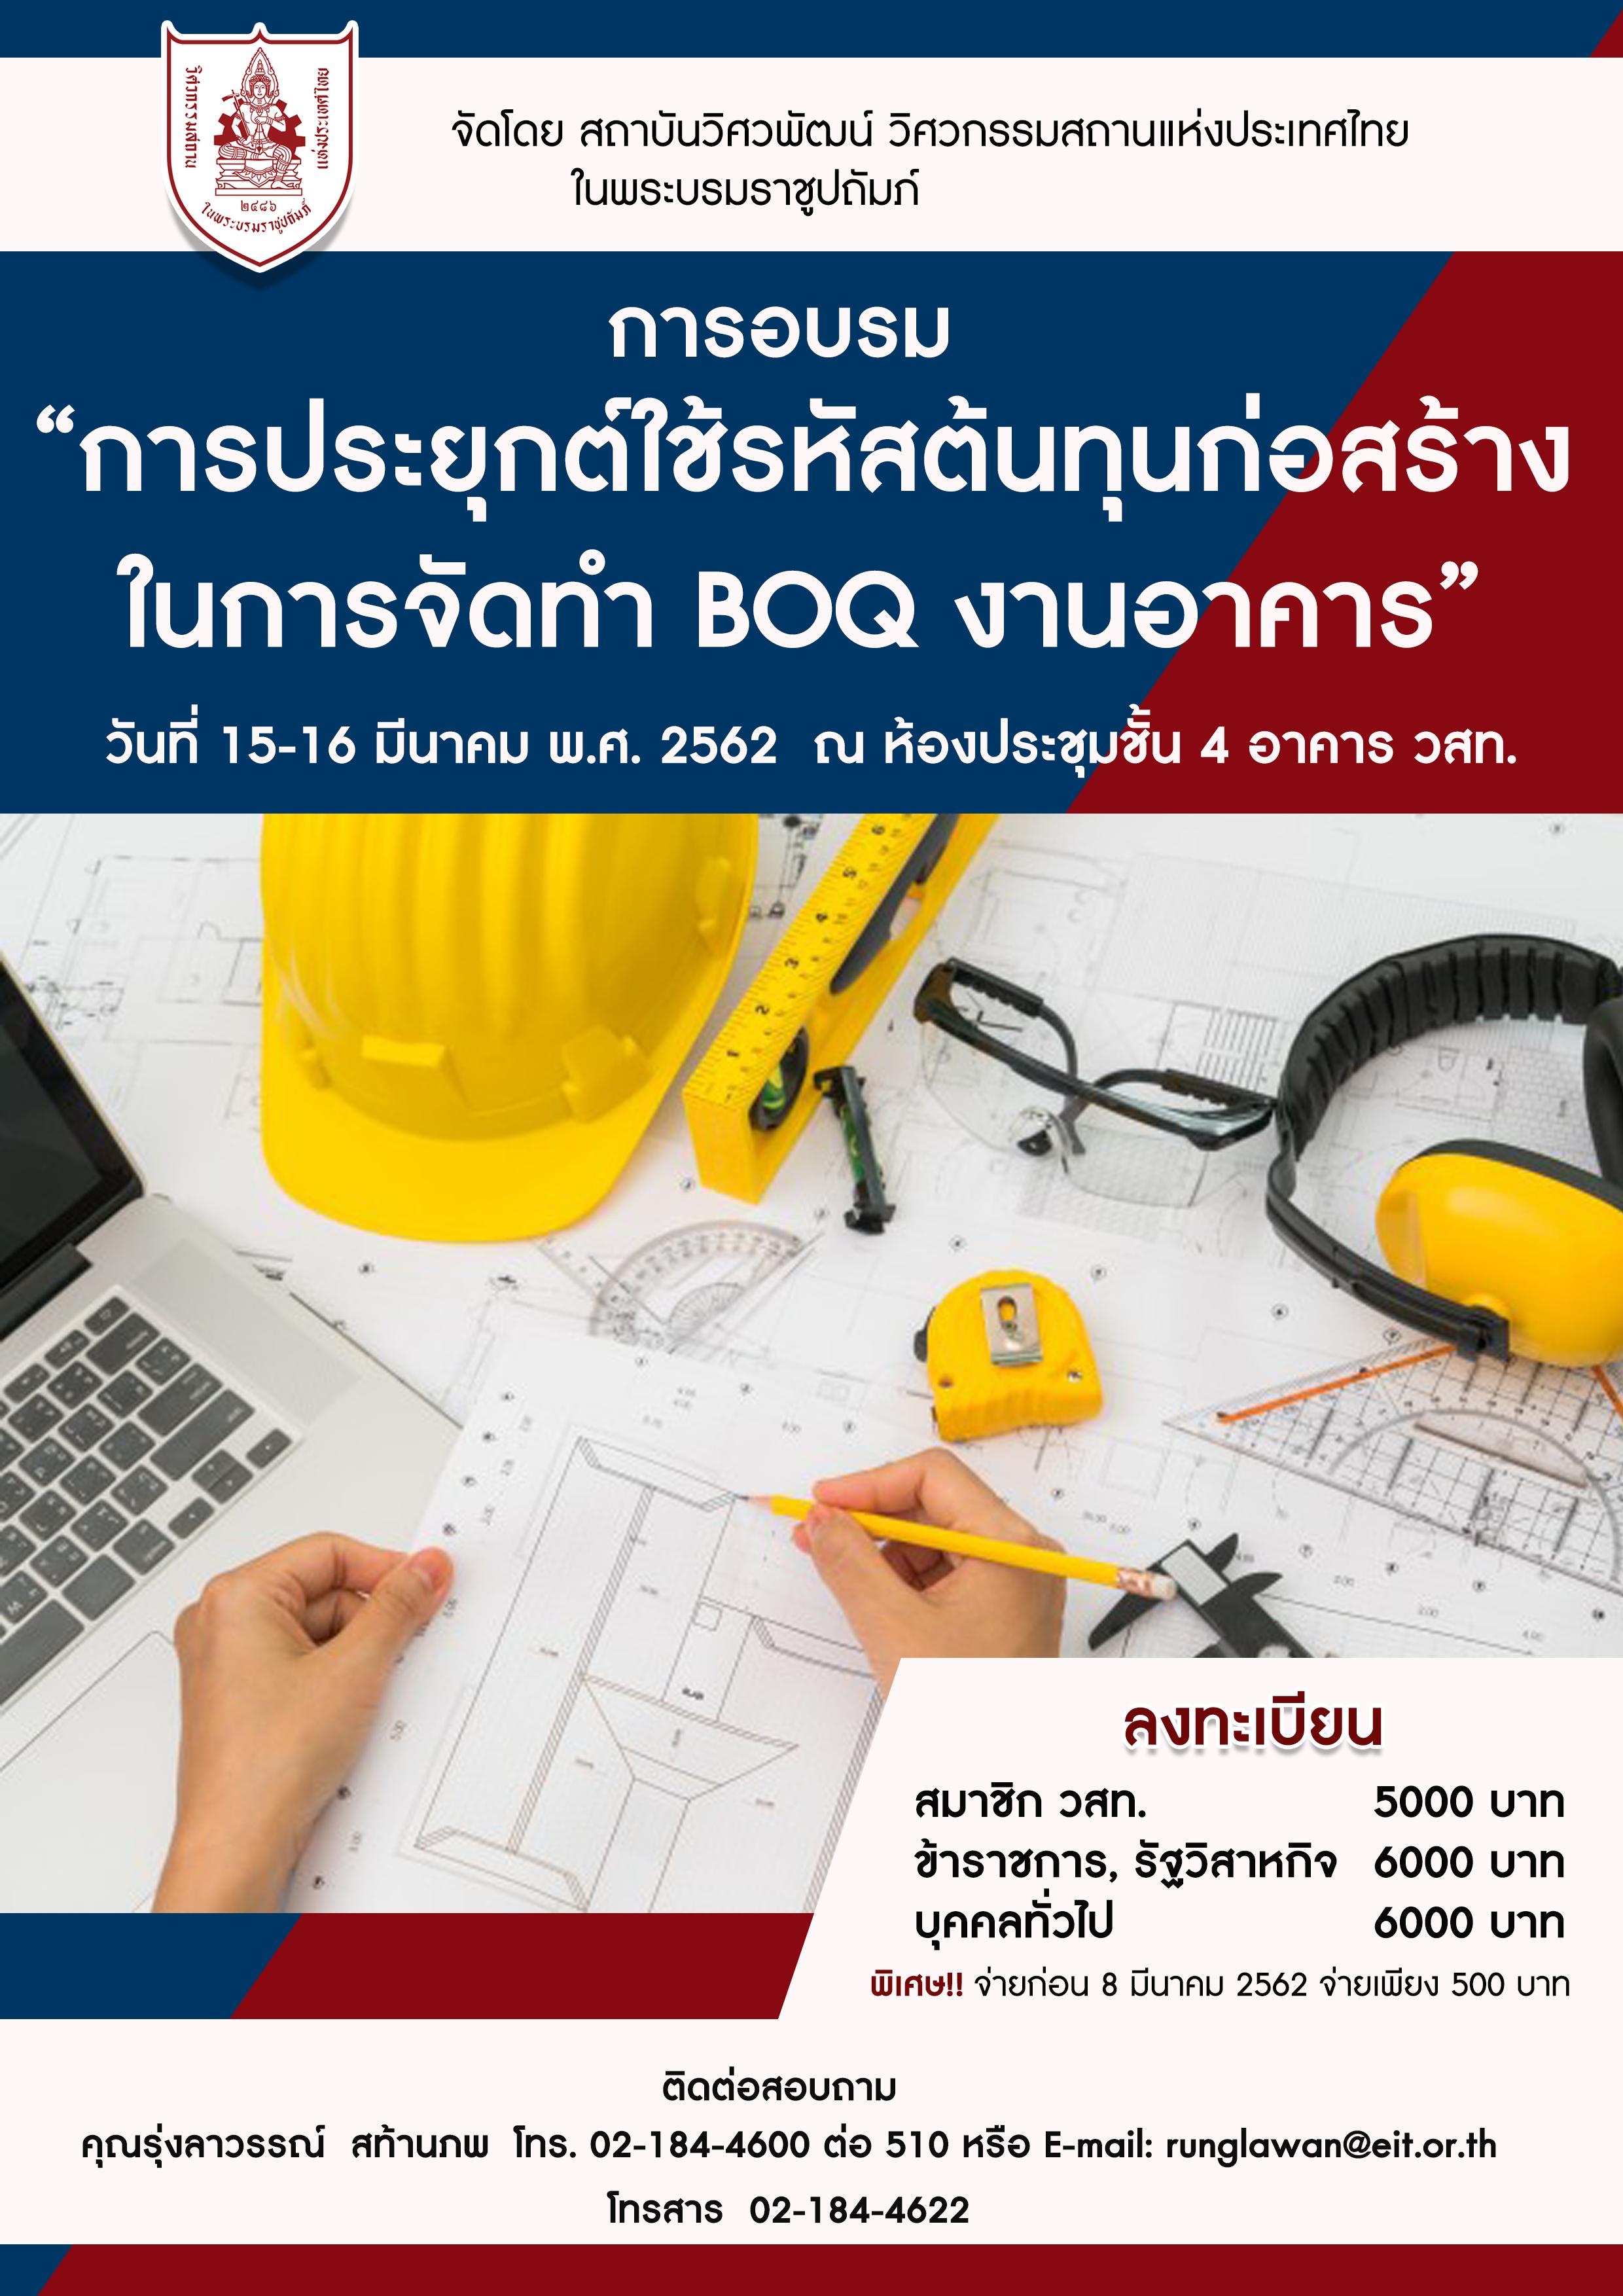 15-16/03/2562 การอบรมเรื่อง การประยุกต์ใช้รหัสต้นทุนก่อสร้างในการจัดทำ BOQ งานอาคาร (ยกเลิก)